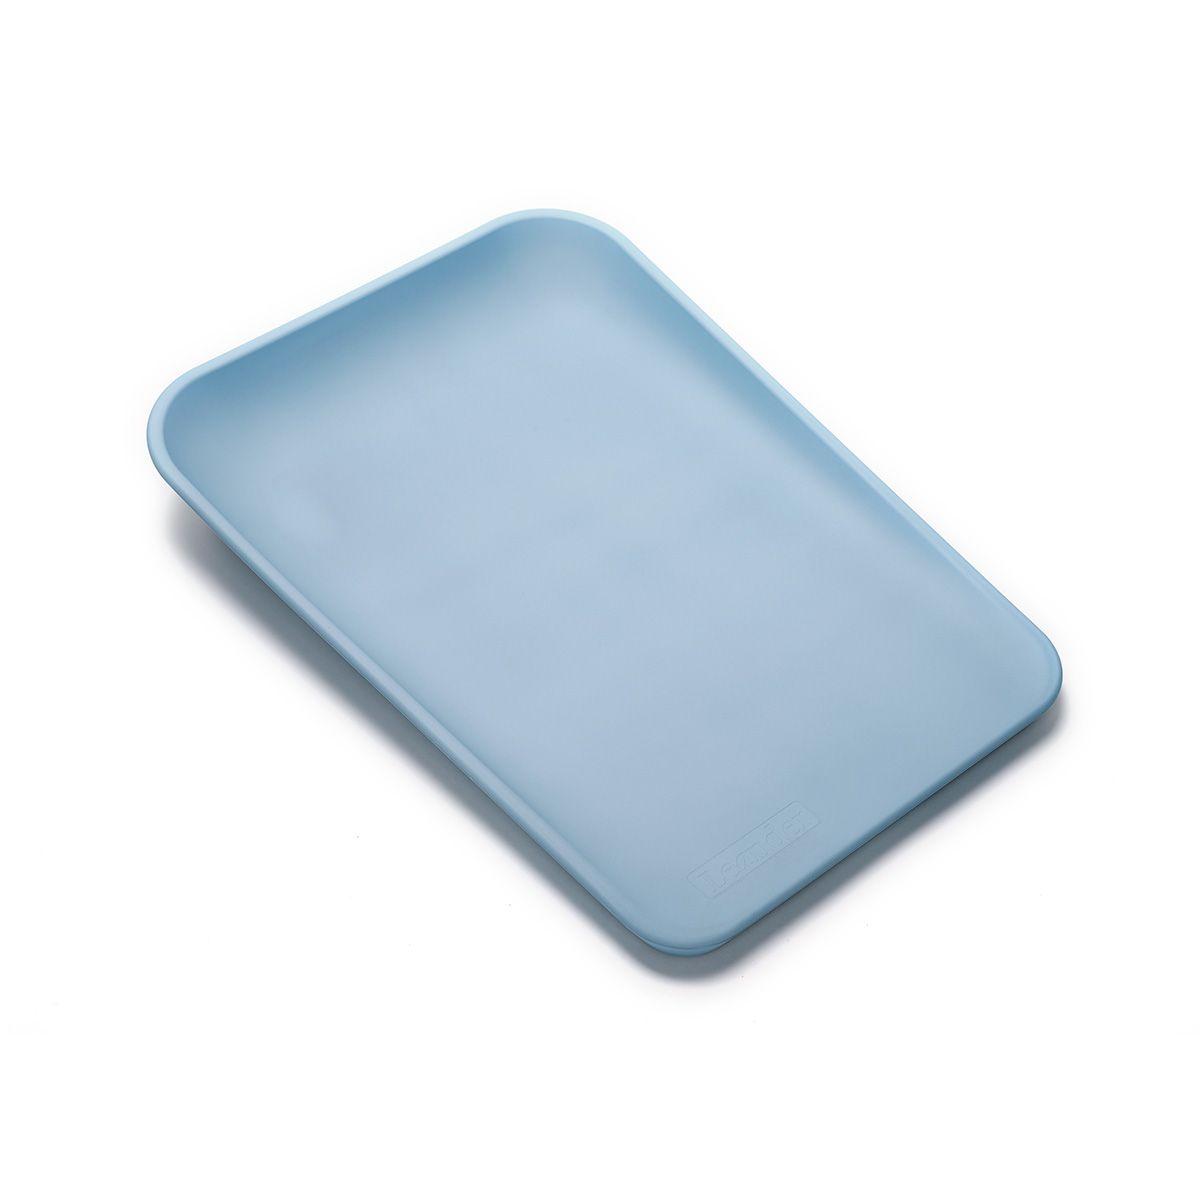 Leander Matty PALE BLUE